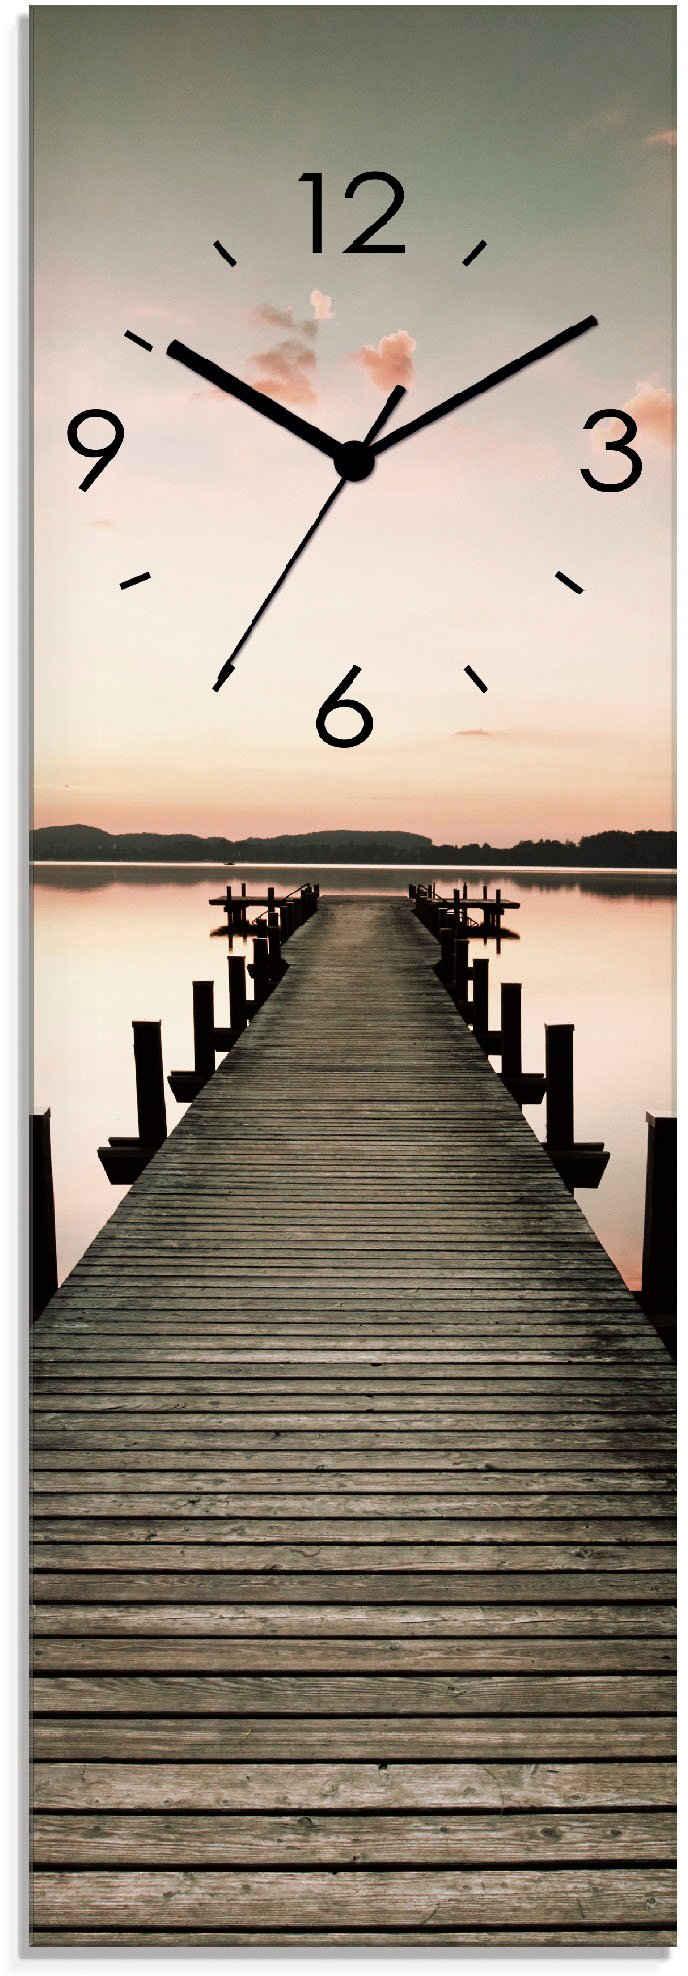 Artland Wanduhr »Langer Pier im Sonnenaufgang« (lautlos, ohne Tickgeräusche, nicht tickend, geräuschlos - wählbar: Funkuhr o. Quarzuhr, moderne Uhr für Wohnzimmer, Küche etc. - Stil: modern)